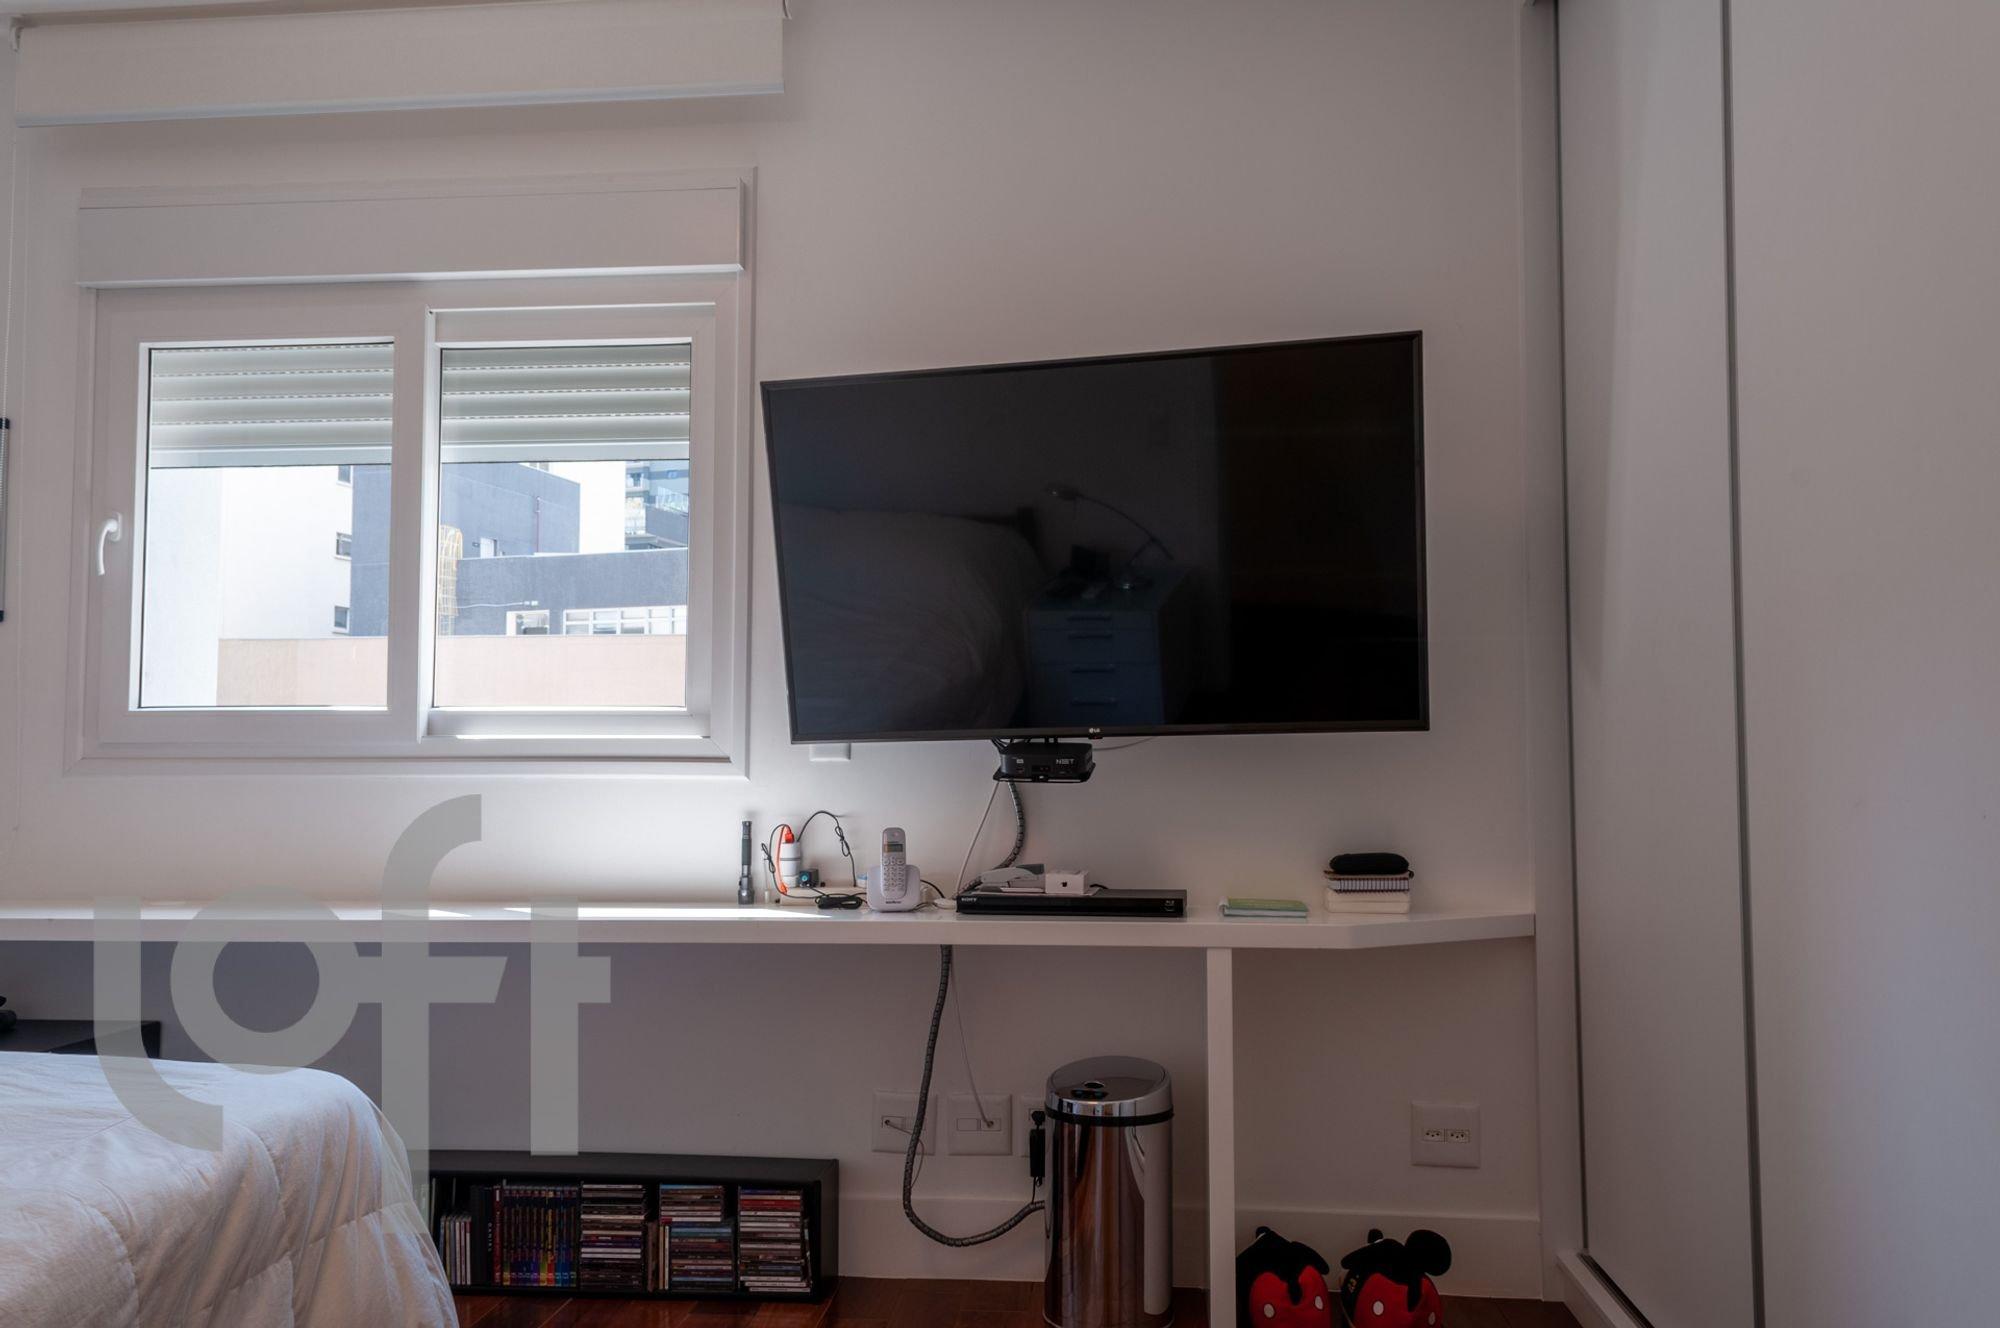 Foto de Quarto com cama, televisão, livro